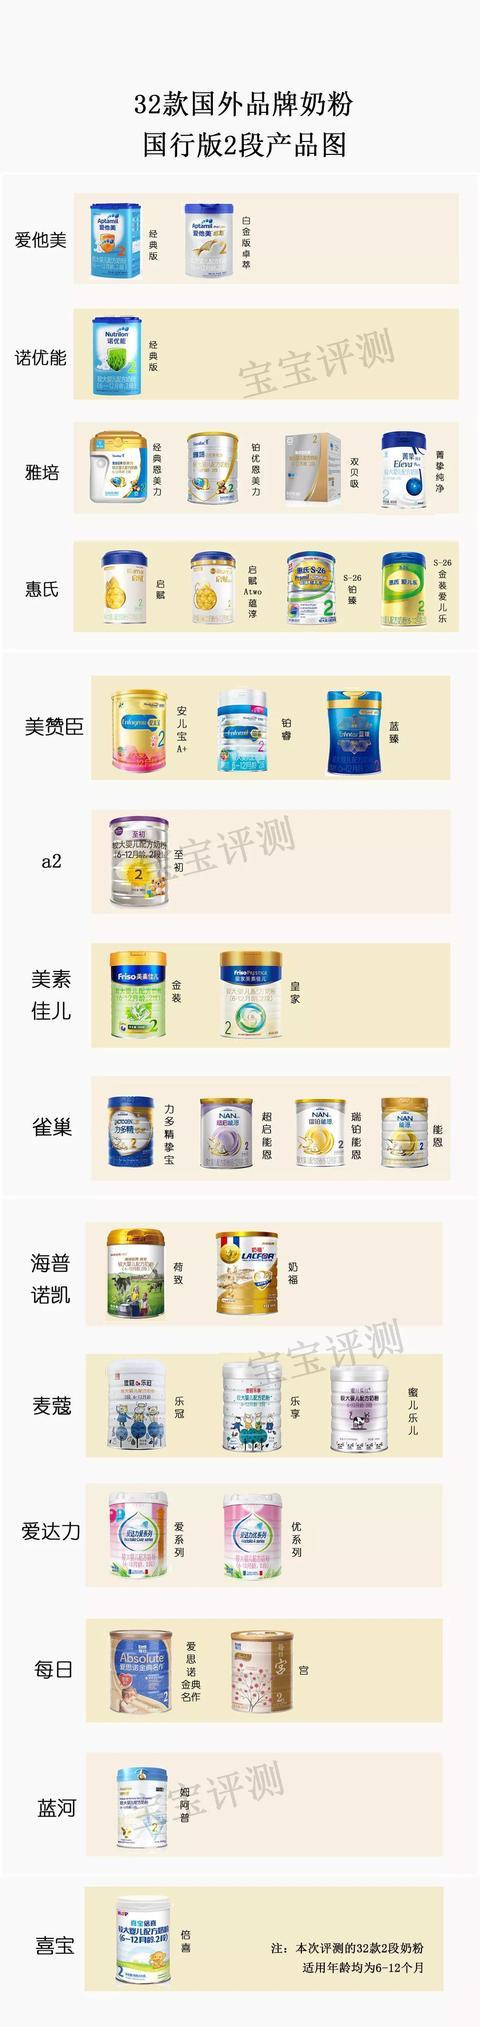 32款洋品牌奶粉独立评测二:要注意这些奶粉中的不健康物质!